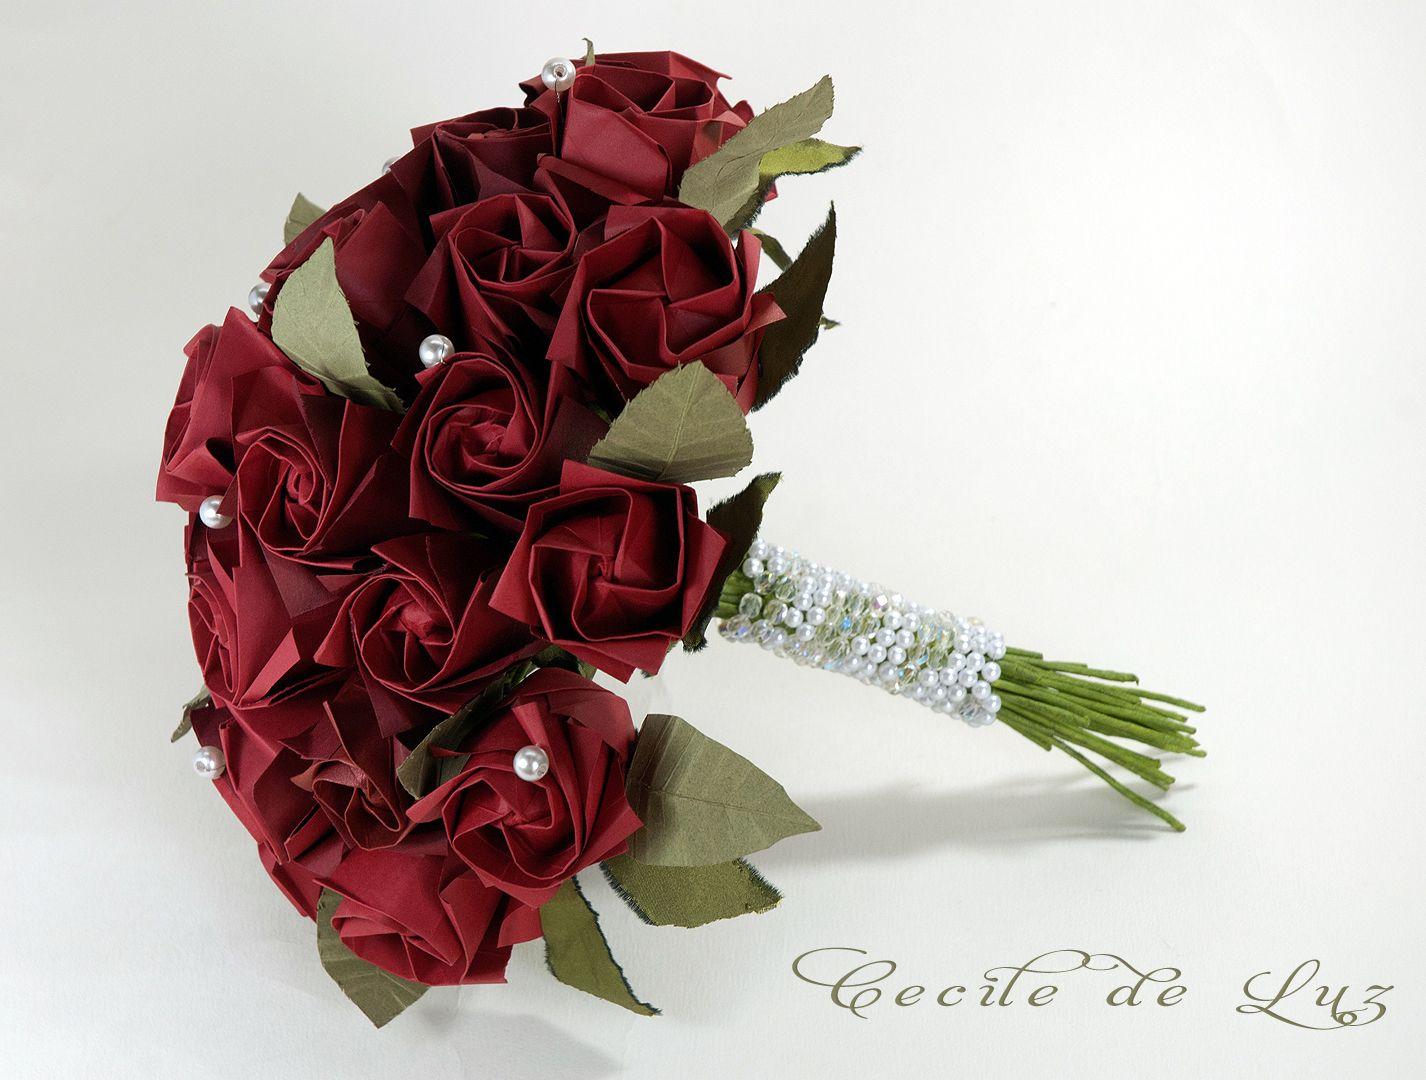 Red passion bouquet - vista lateral, com a haste em pérolas e cristais